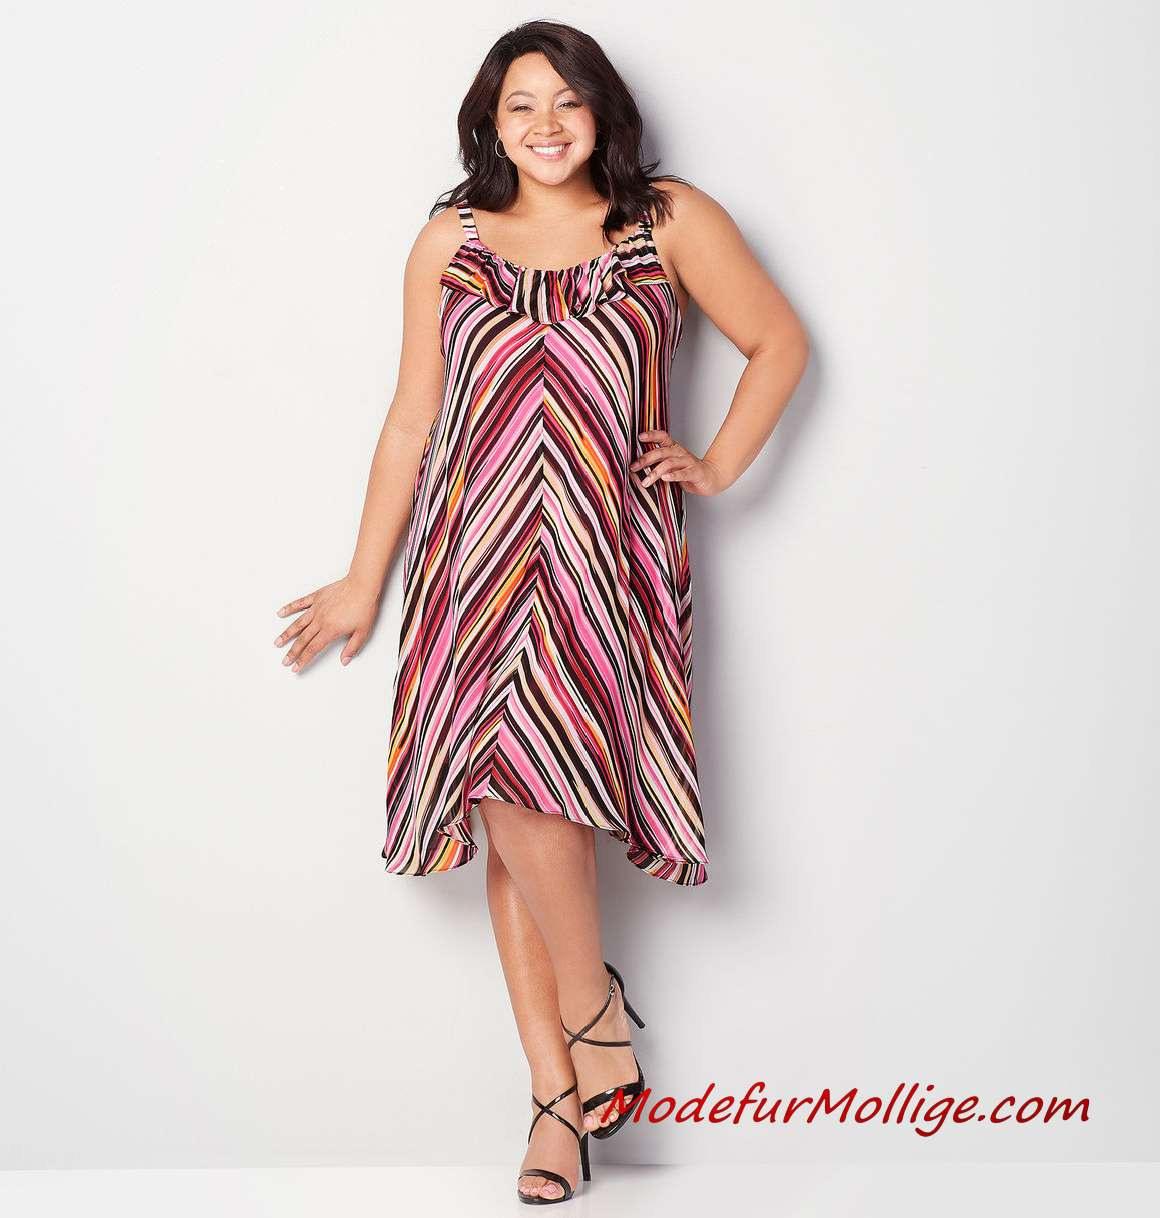 Sommerkleider Große Größe Frauen Multi Streifen Rüschen Alinie Kleid  Mode Für Mollige Frauen